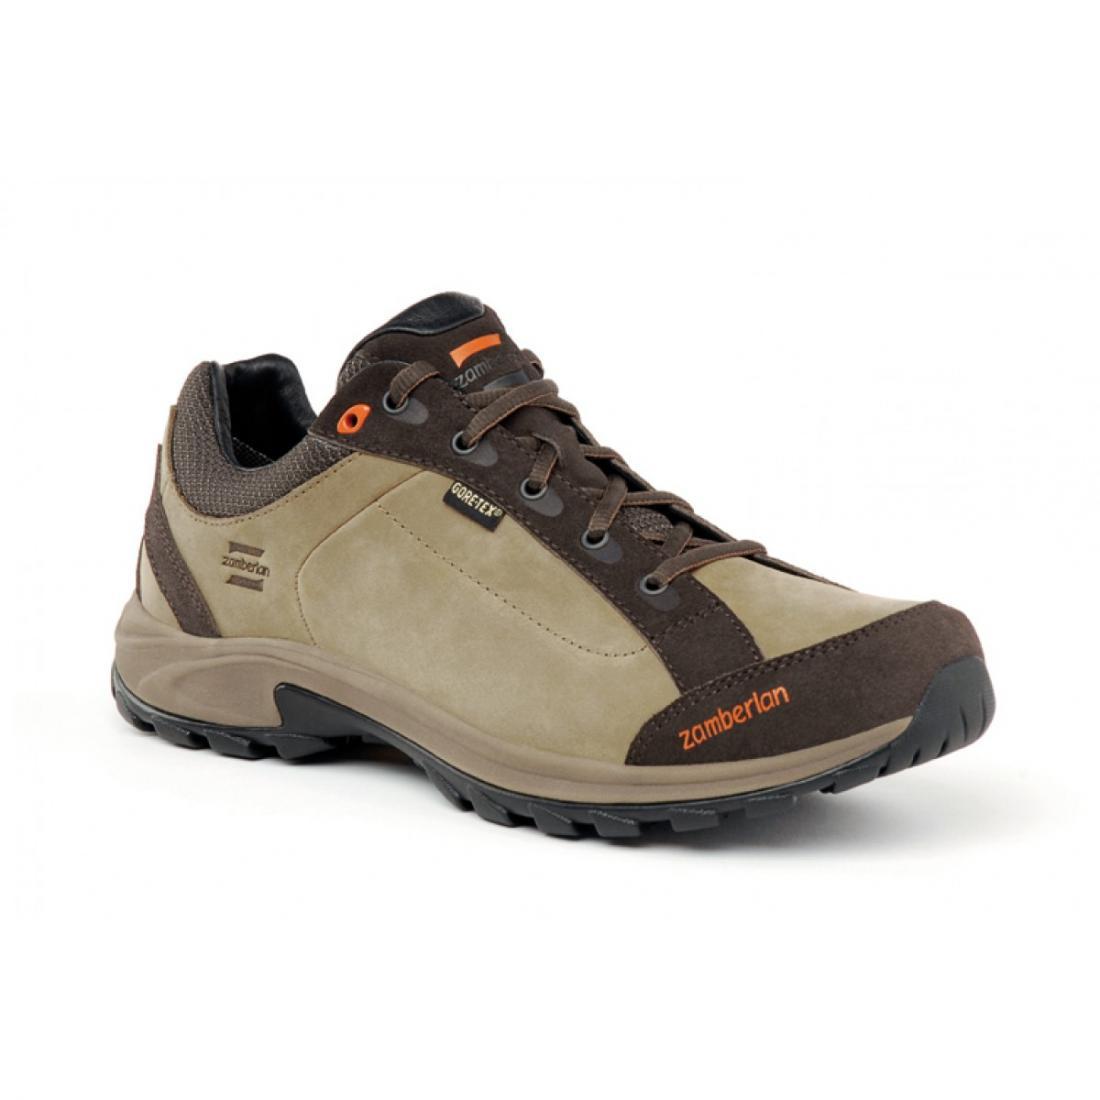 Ботинки 241 VISTA GTXТреккинговые<br><br><br>Цвет: Коричневый<br>Размер: 45.5